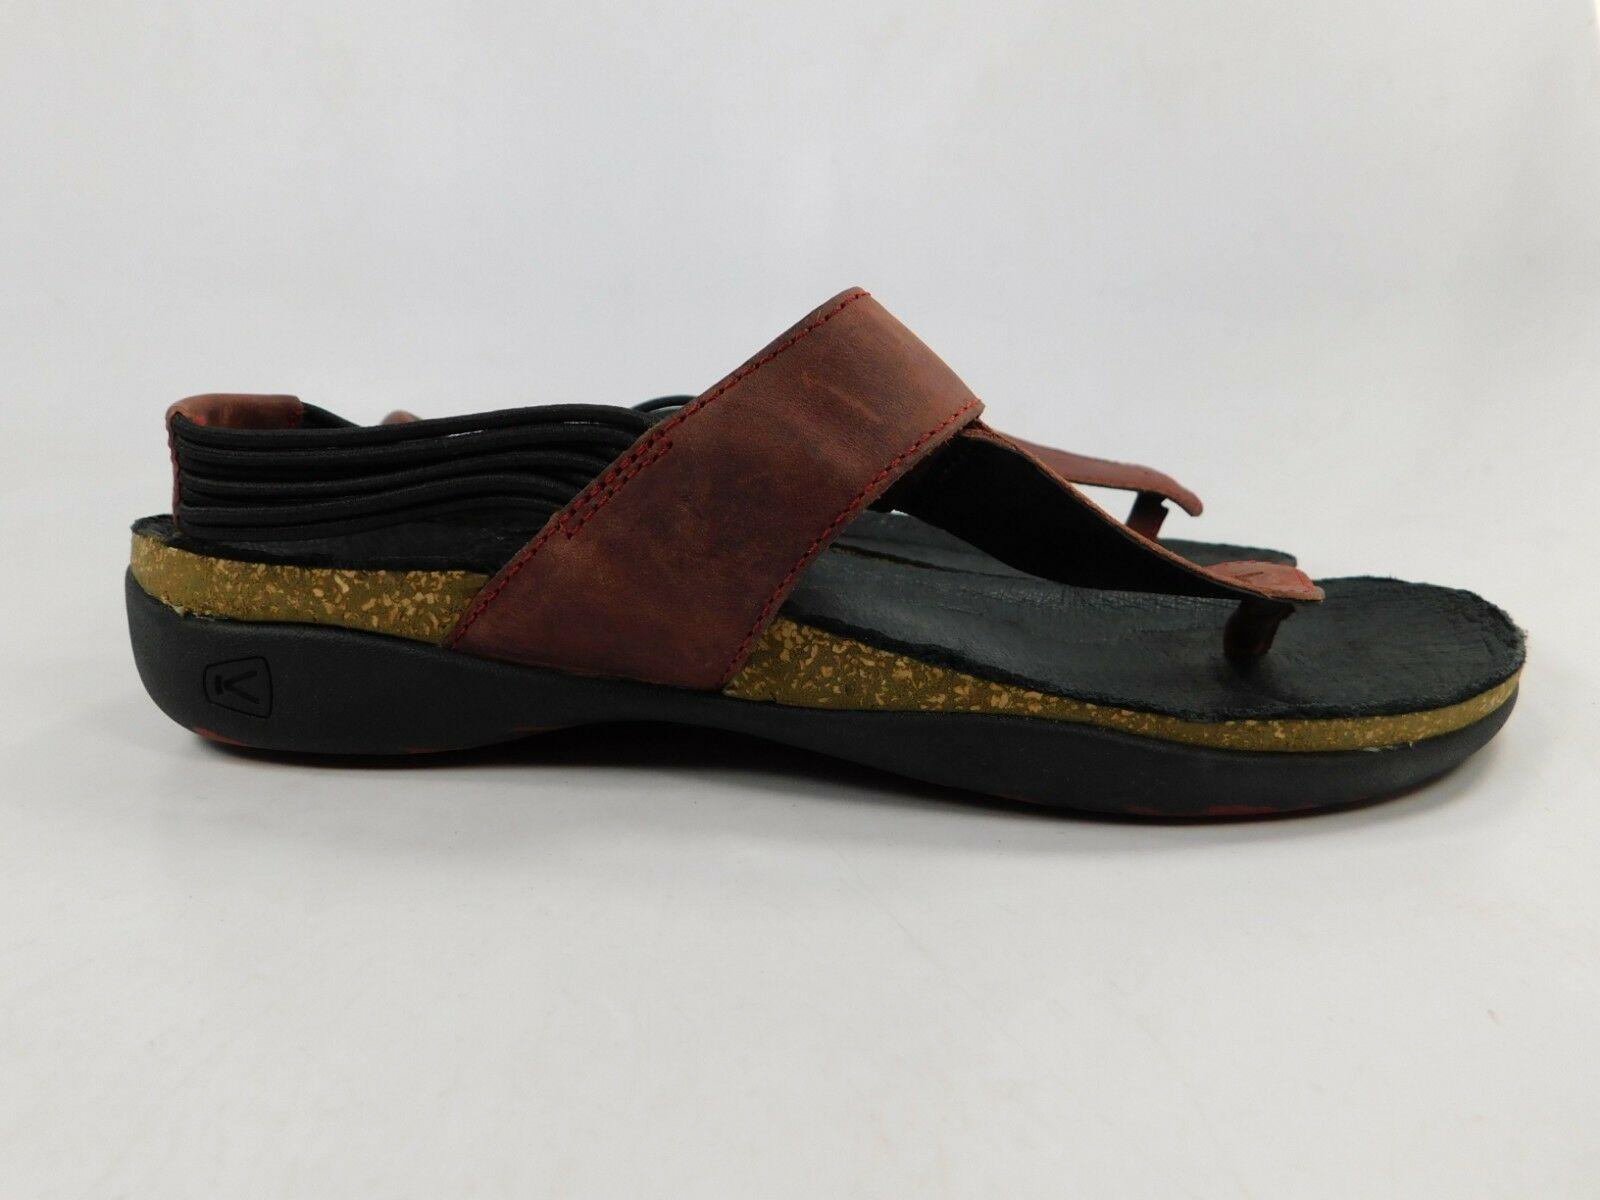 Keen Dauntless Geschrieben Damen Sport Sandalen Größe Us 7 M (B) Eu 37,5 Rot